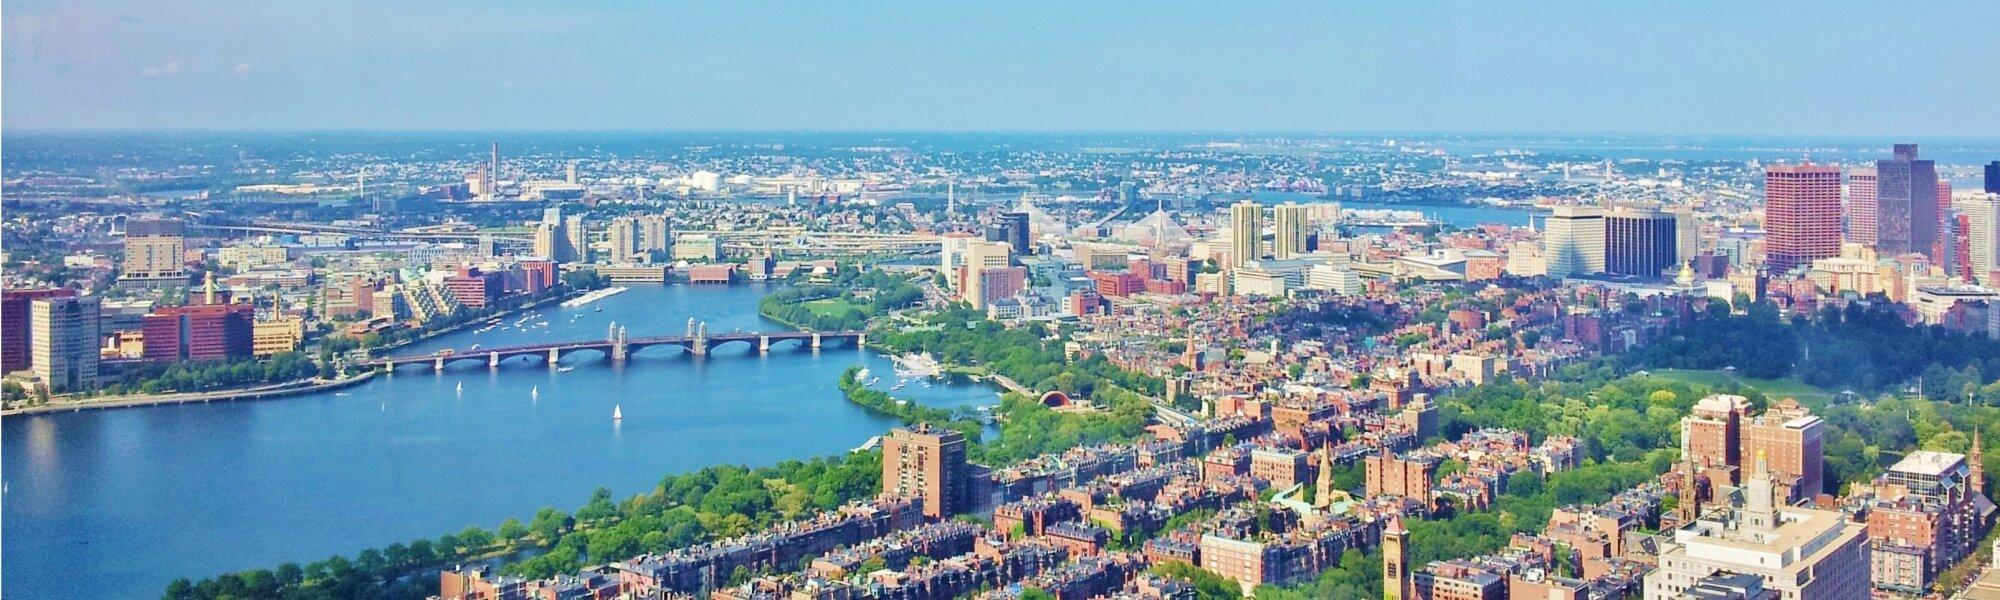 sites de rencontres Boston gratuit